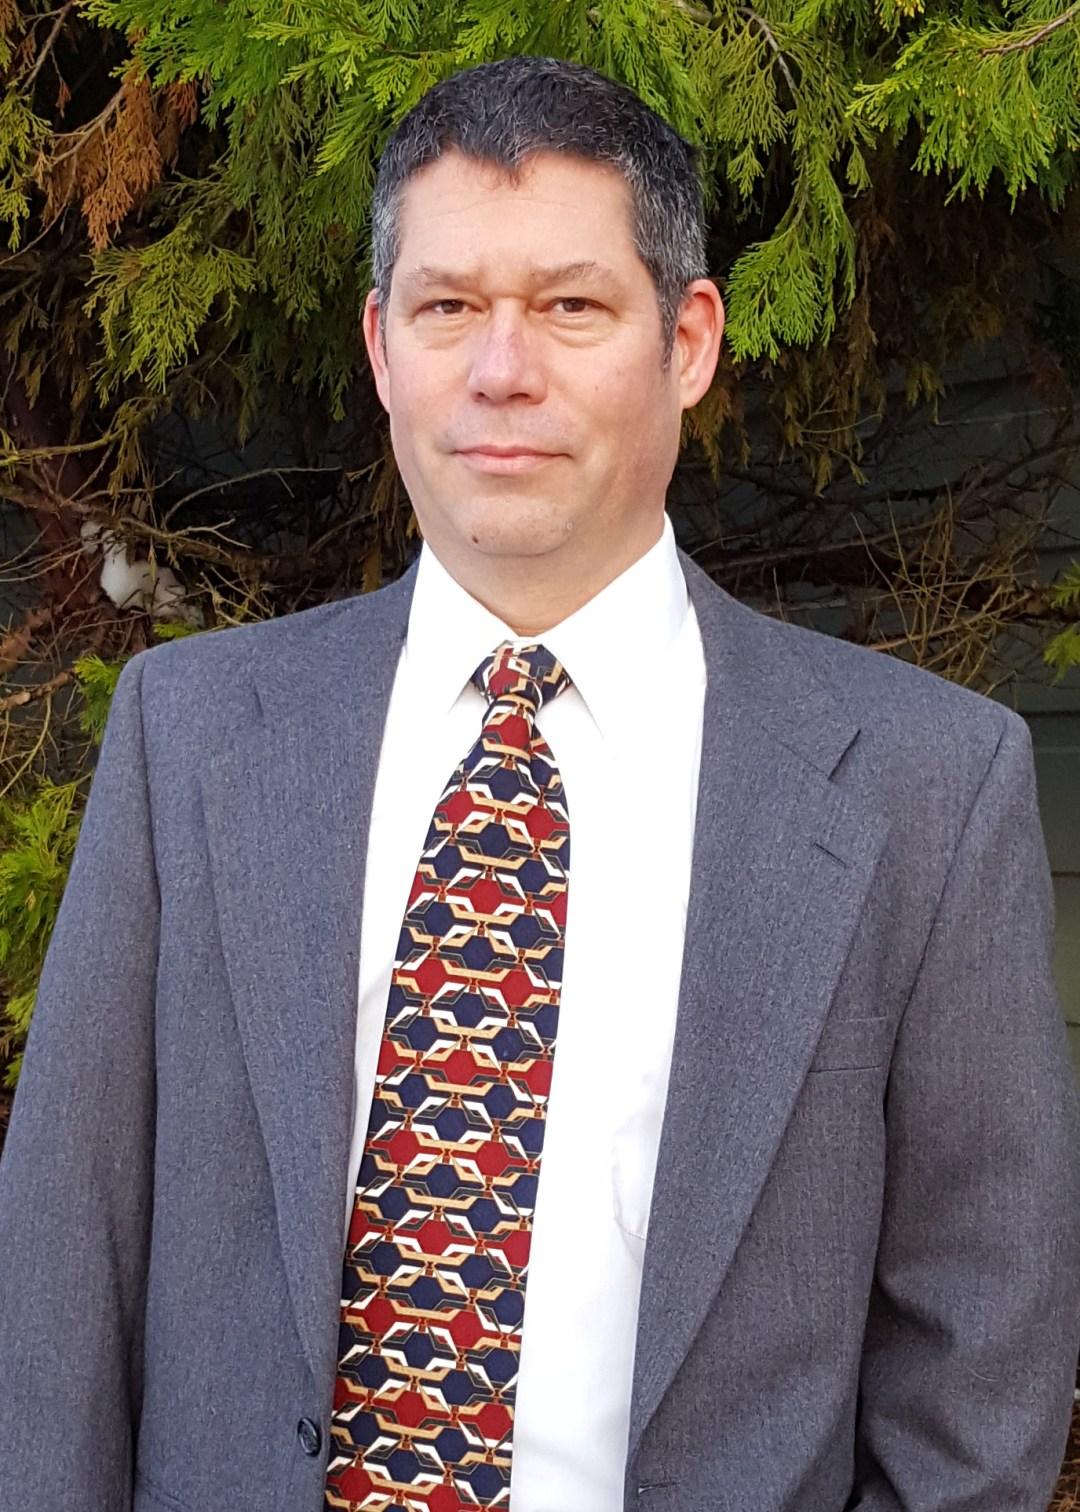 Kerry Kovarik